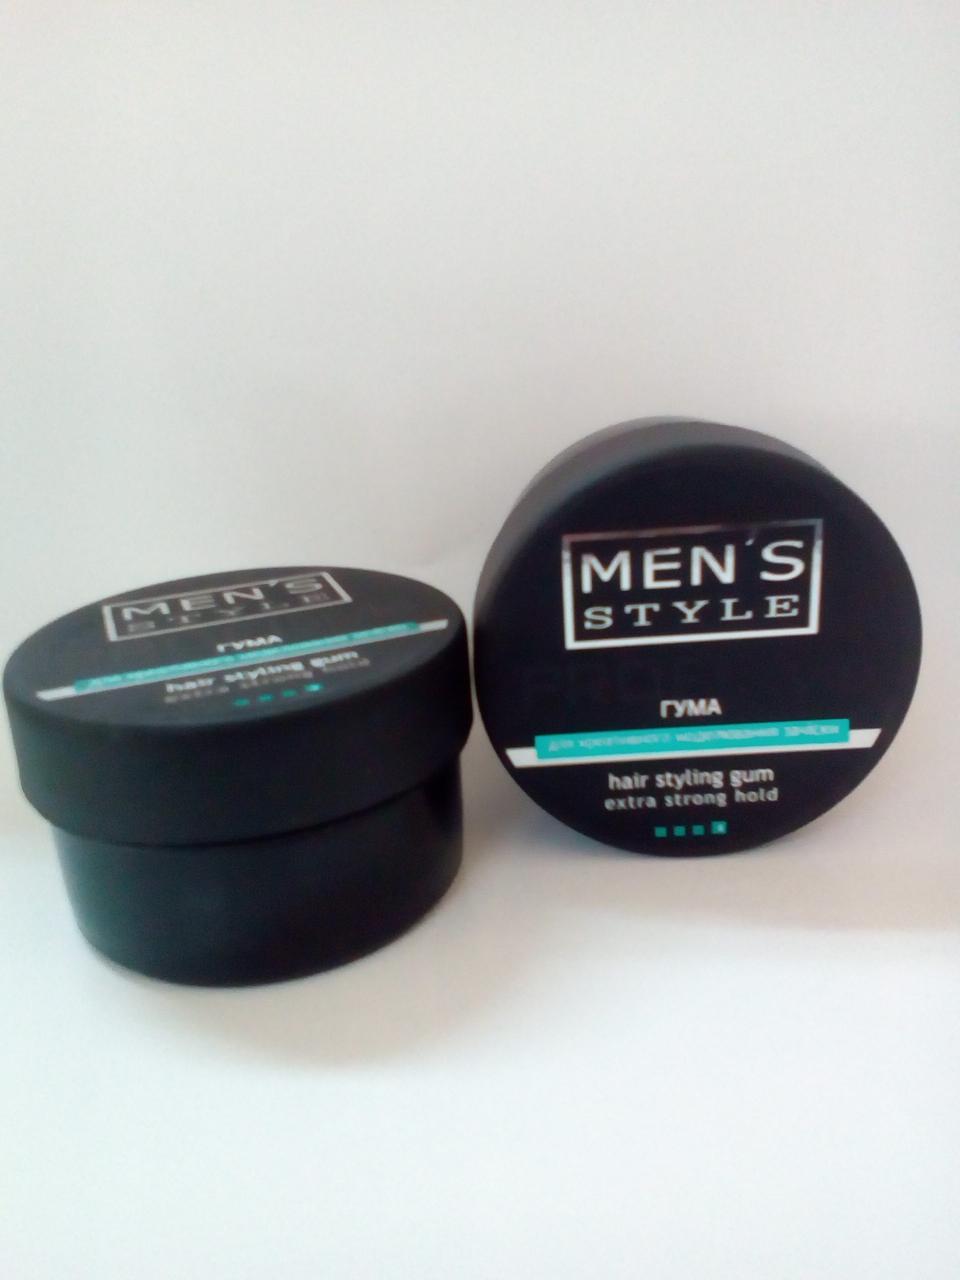 Гума MEN'S Style для креативного моделювання зачіски, Profi Style (Viki) 80 мл